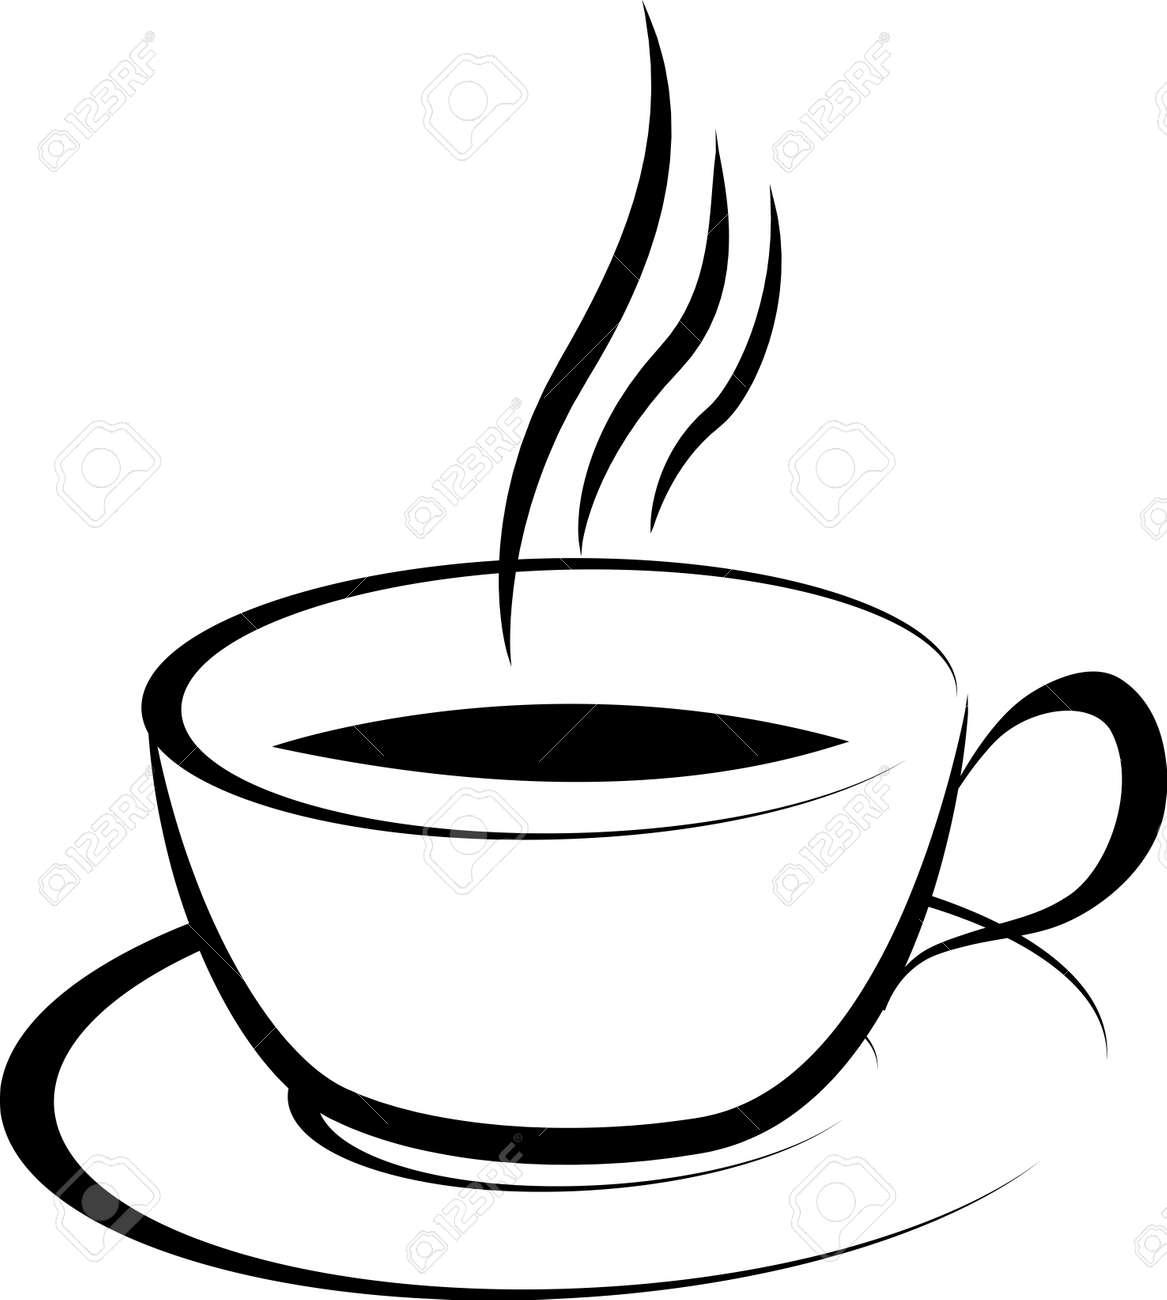 Vettoriale Illustrazione Del Bianco E Nero Disegno Tazza Di Caffè